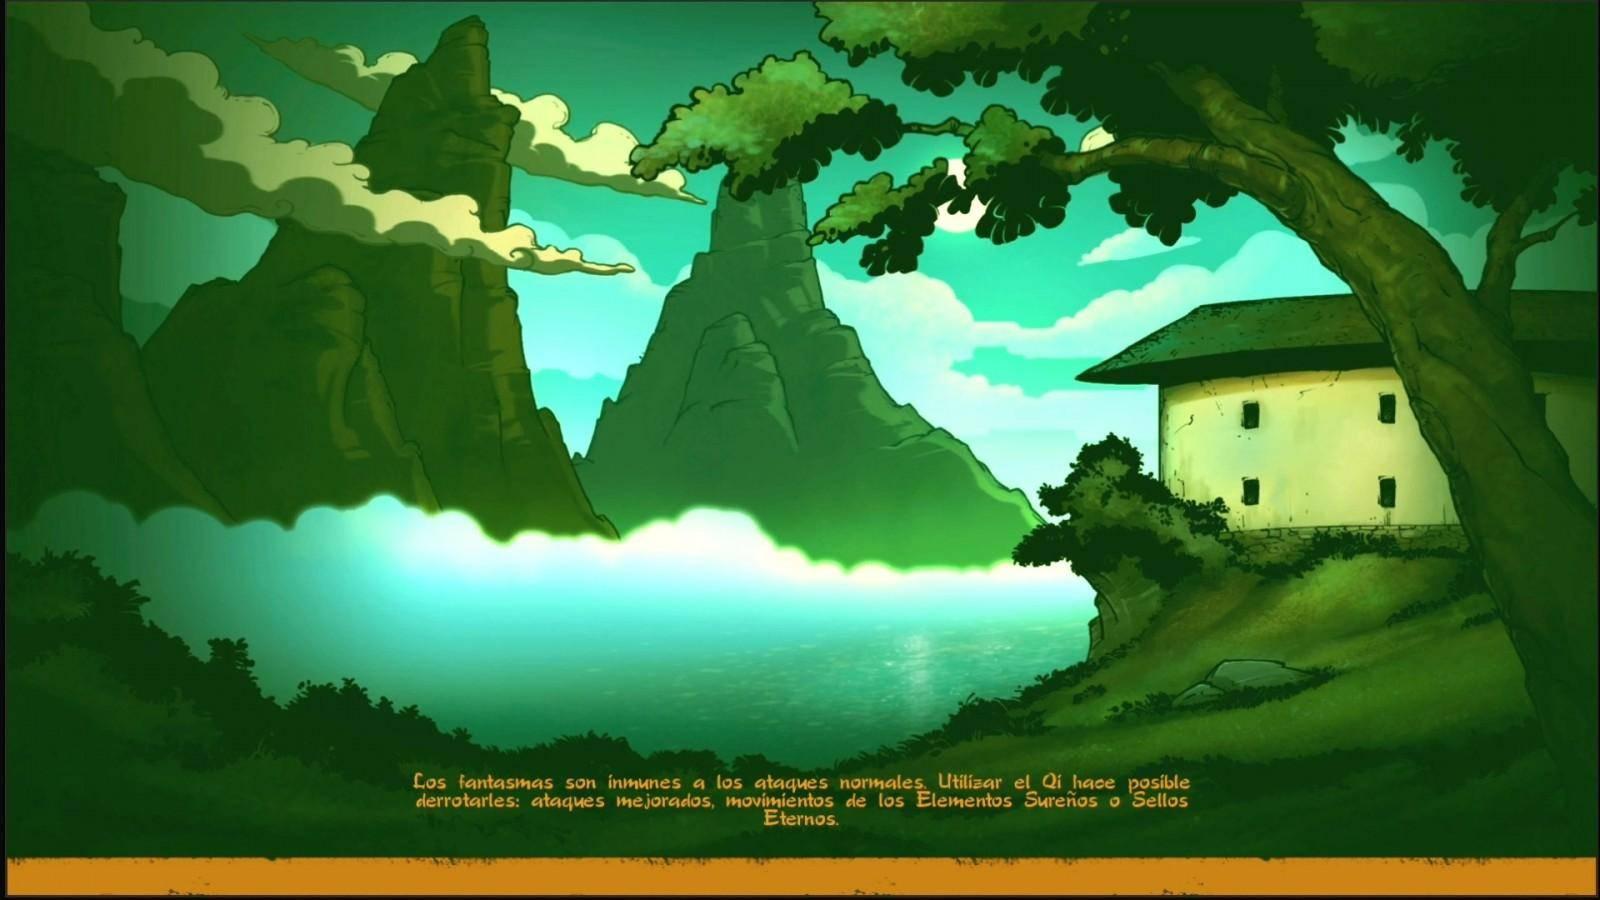 Reseña: 9 Monkeys of Shaolin 9